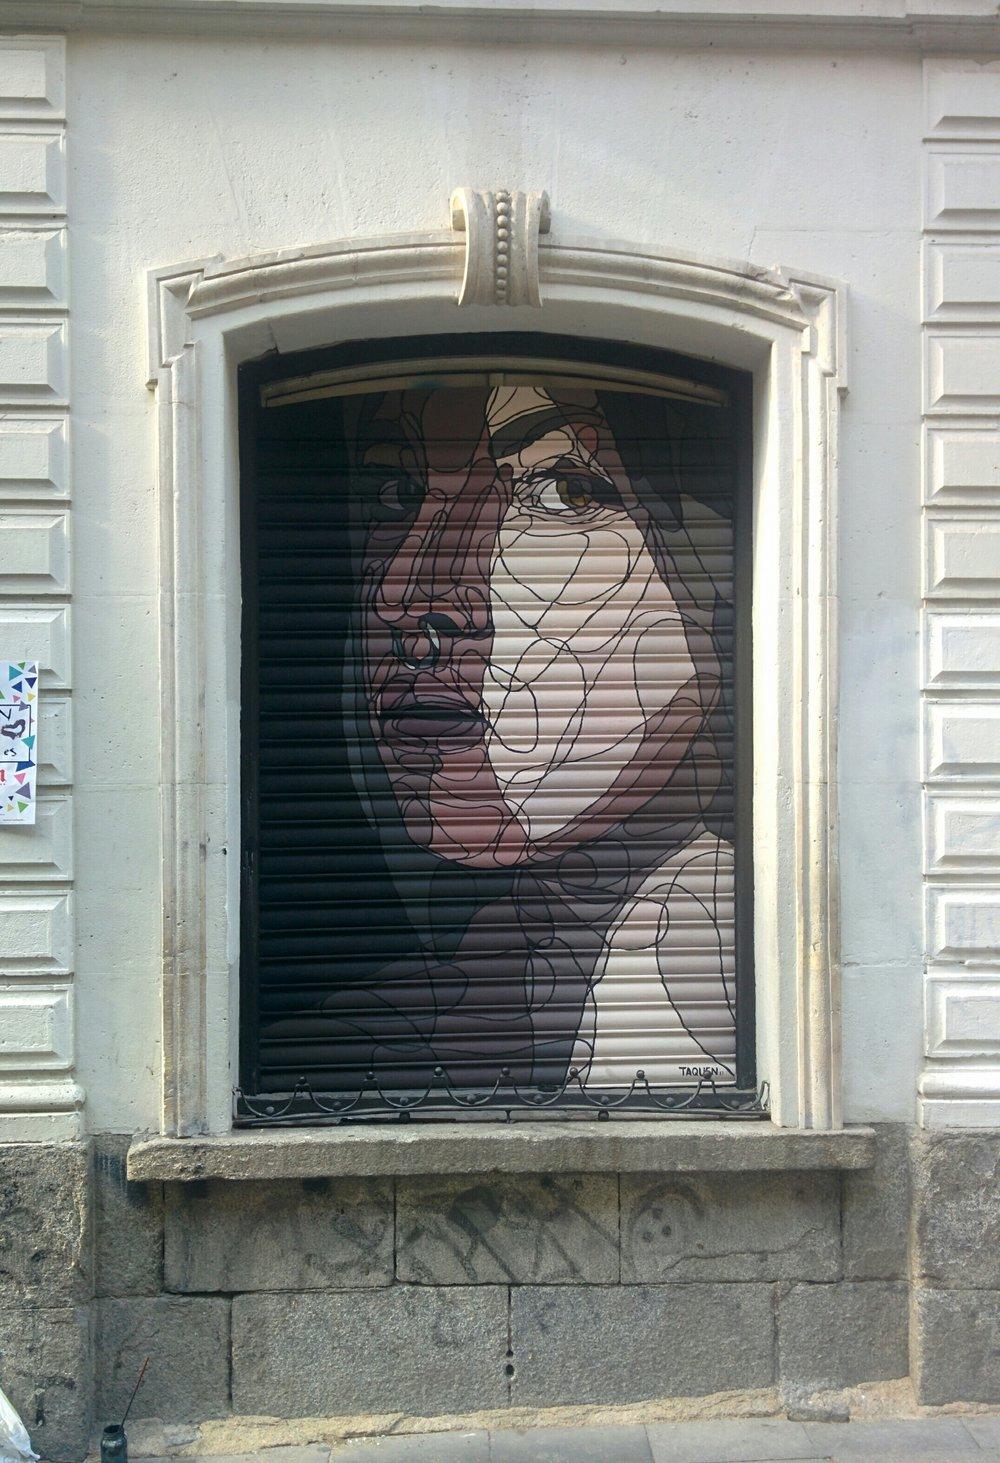 Madrid, Spain. 2017